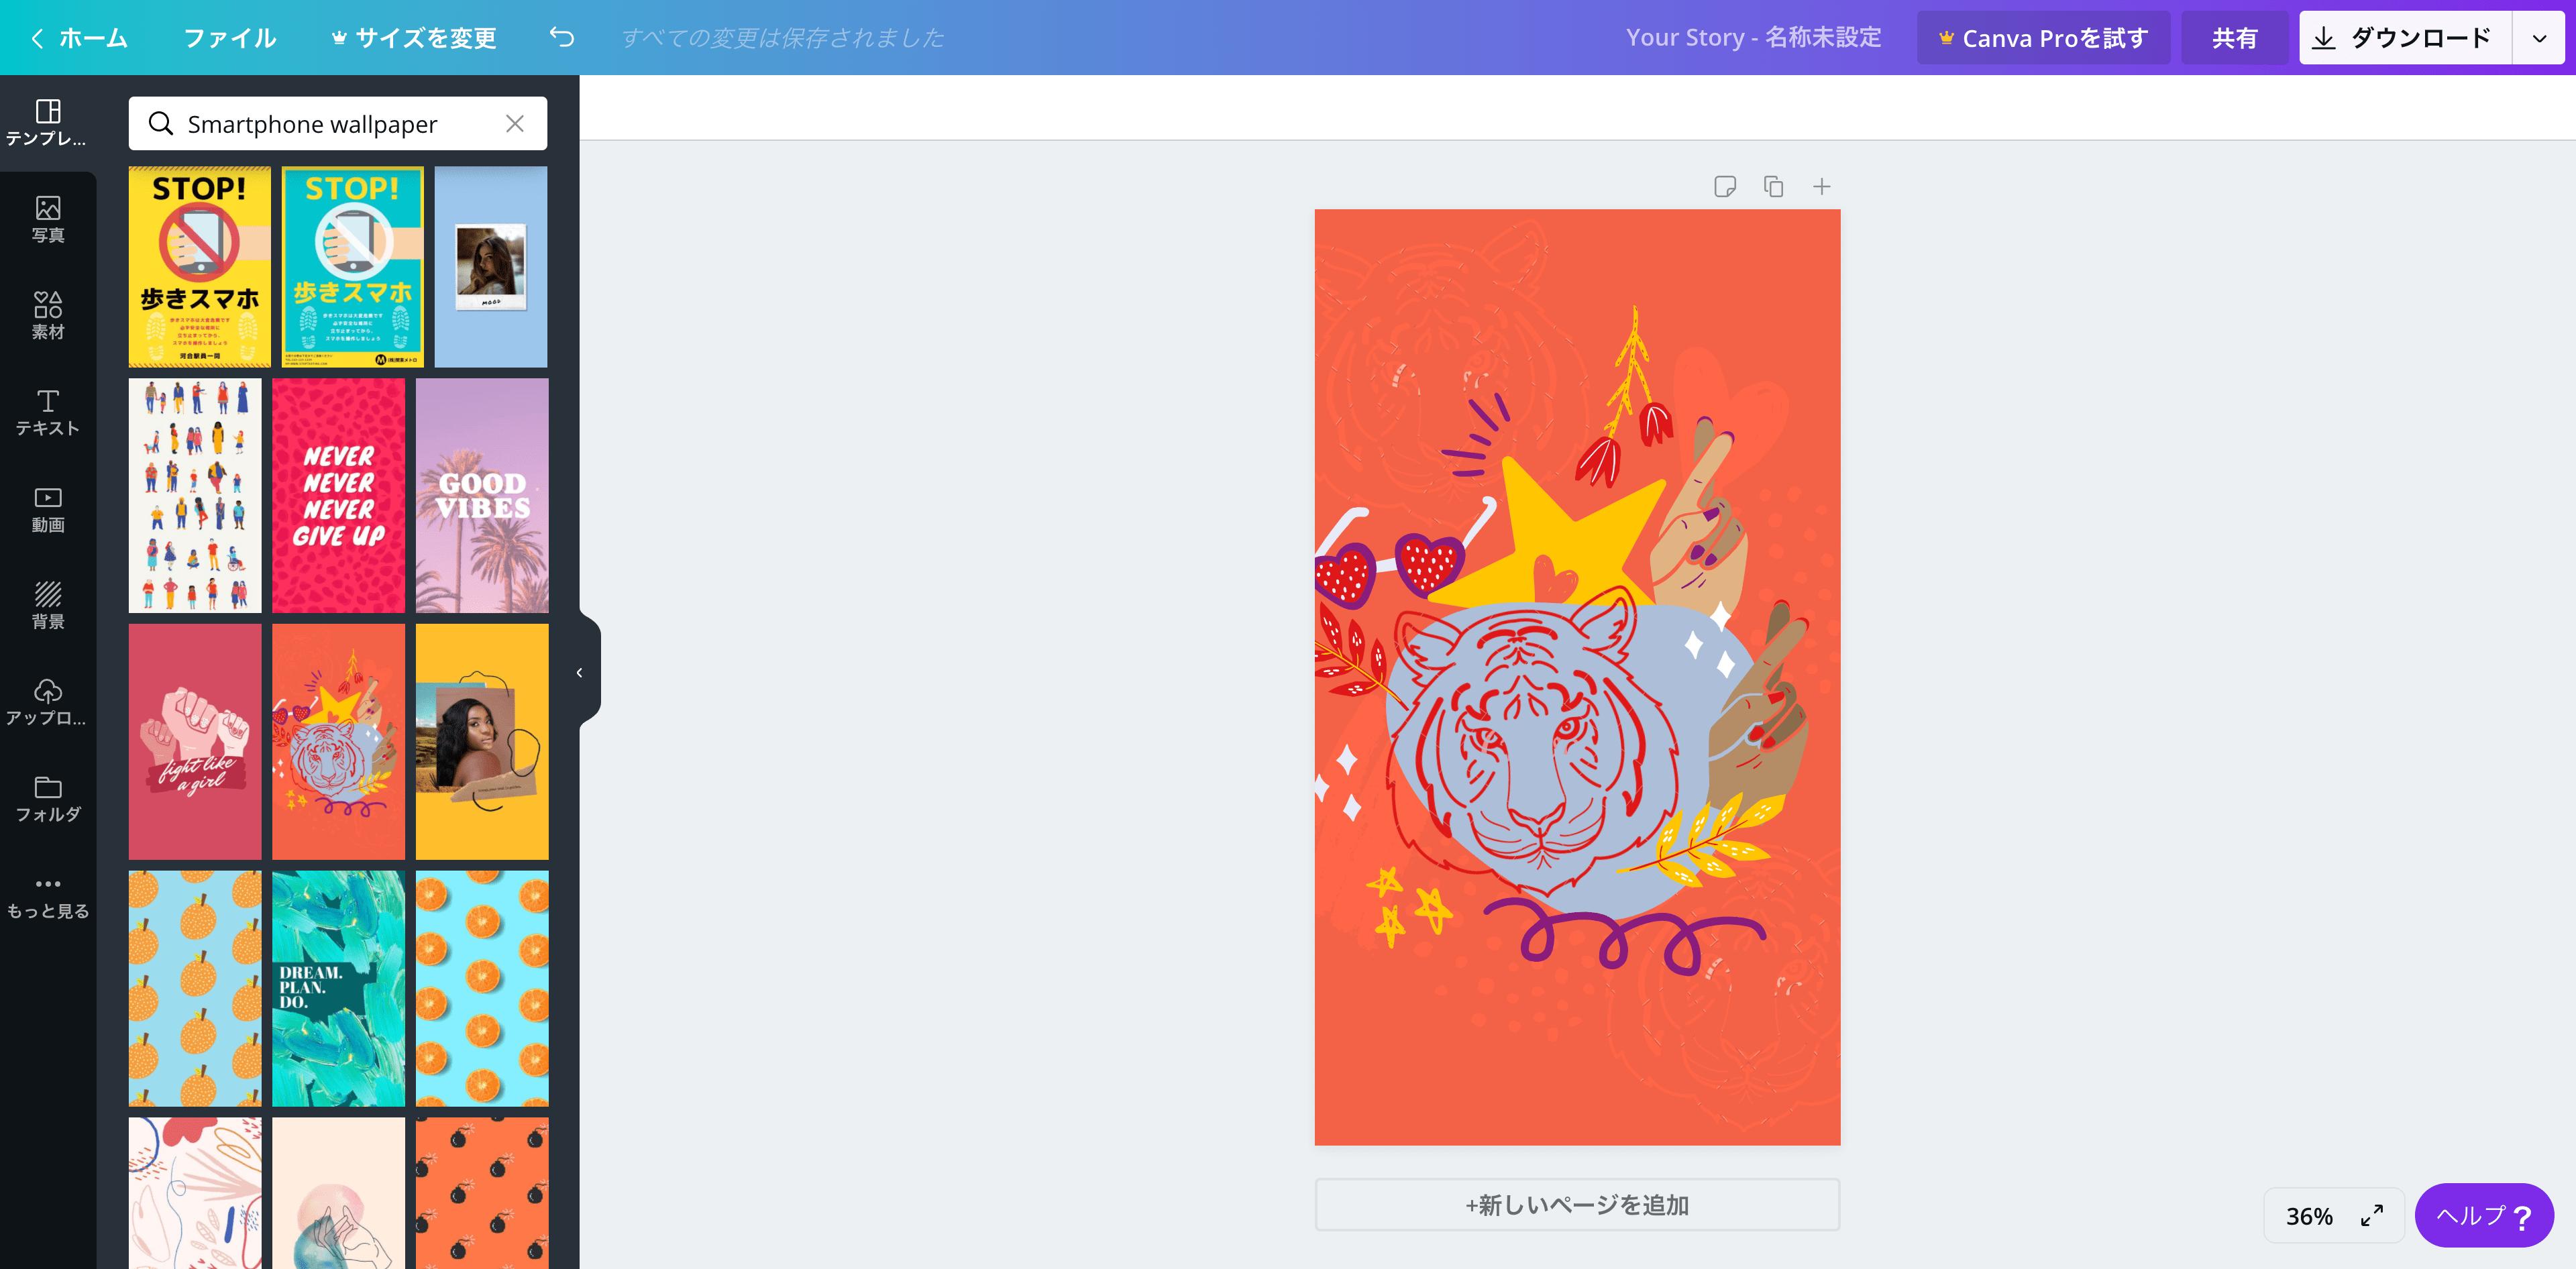 運気アップ スマホの壁紙を自分で簡単無料作成 Canva